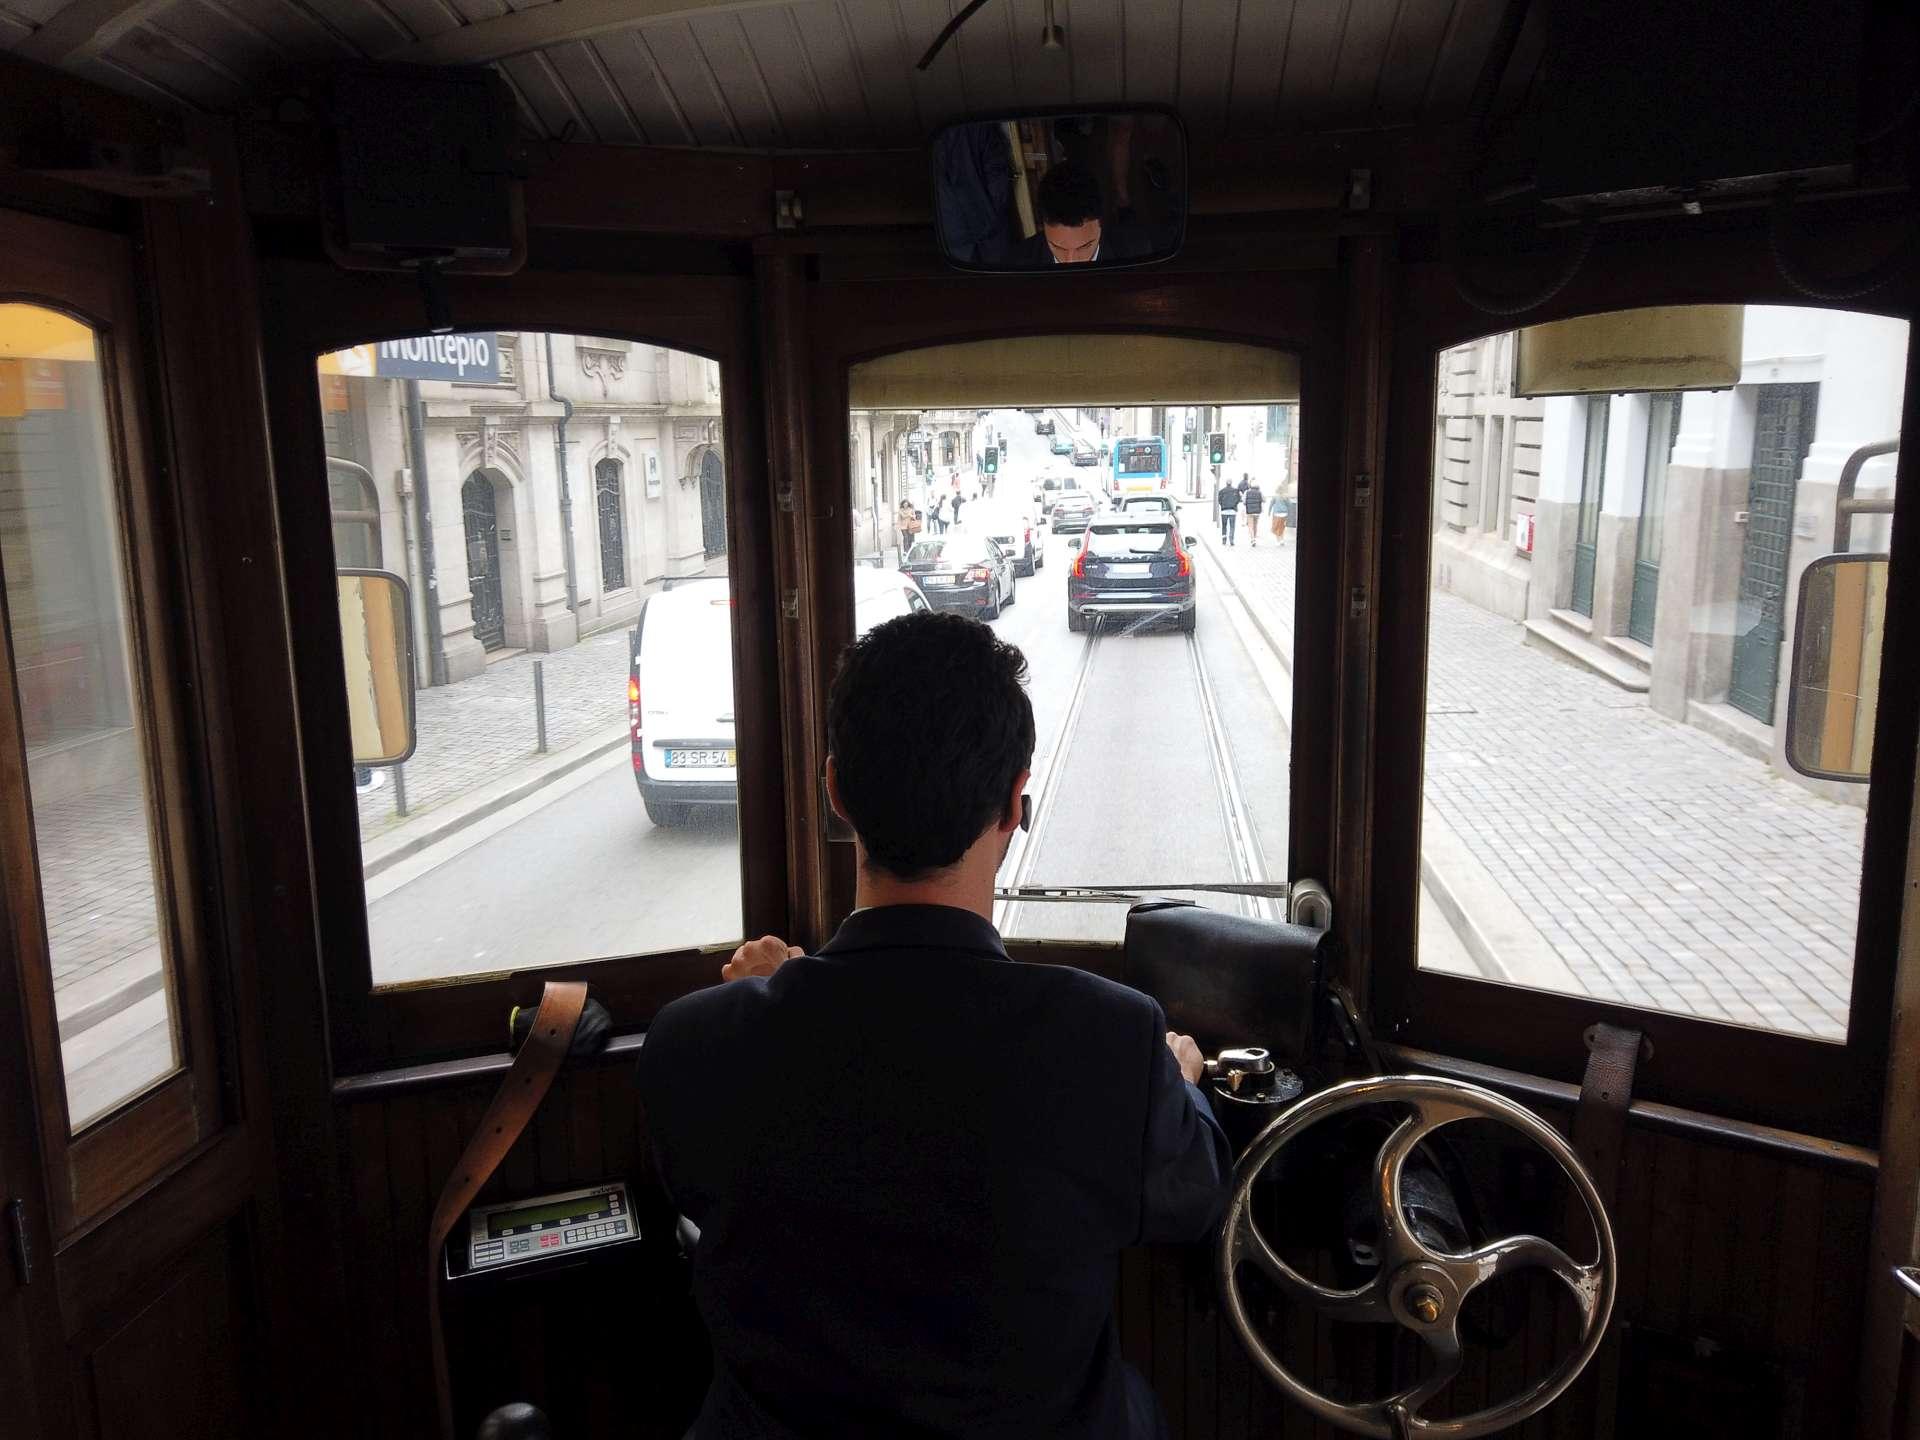 I když tramvaj nejede nijak rychle, řidič musí předvídat dopravu před sebou. Ve městě fungují 3 linky, z Batalha do Carmo vede známá Linha 22. Svezete se za 3,50 EUR.